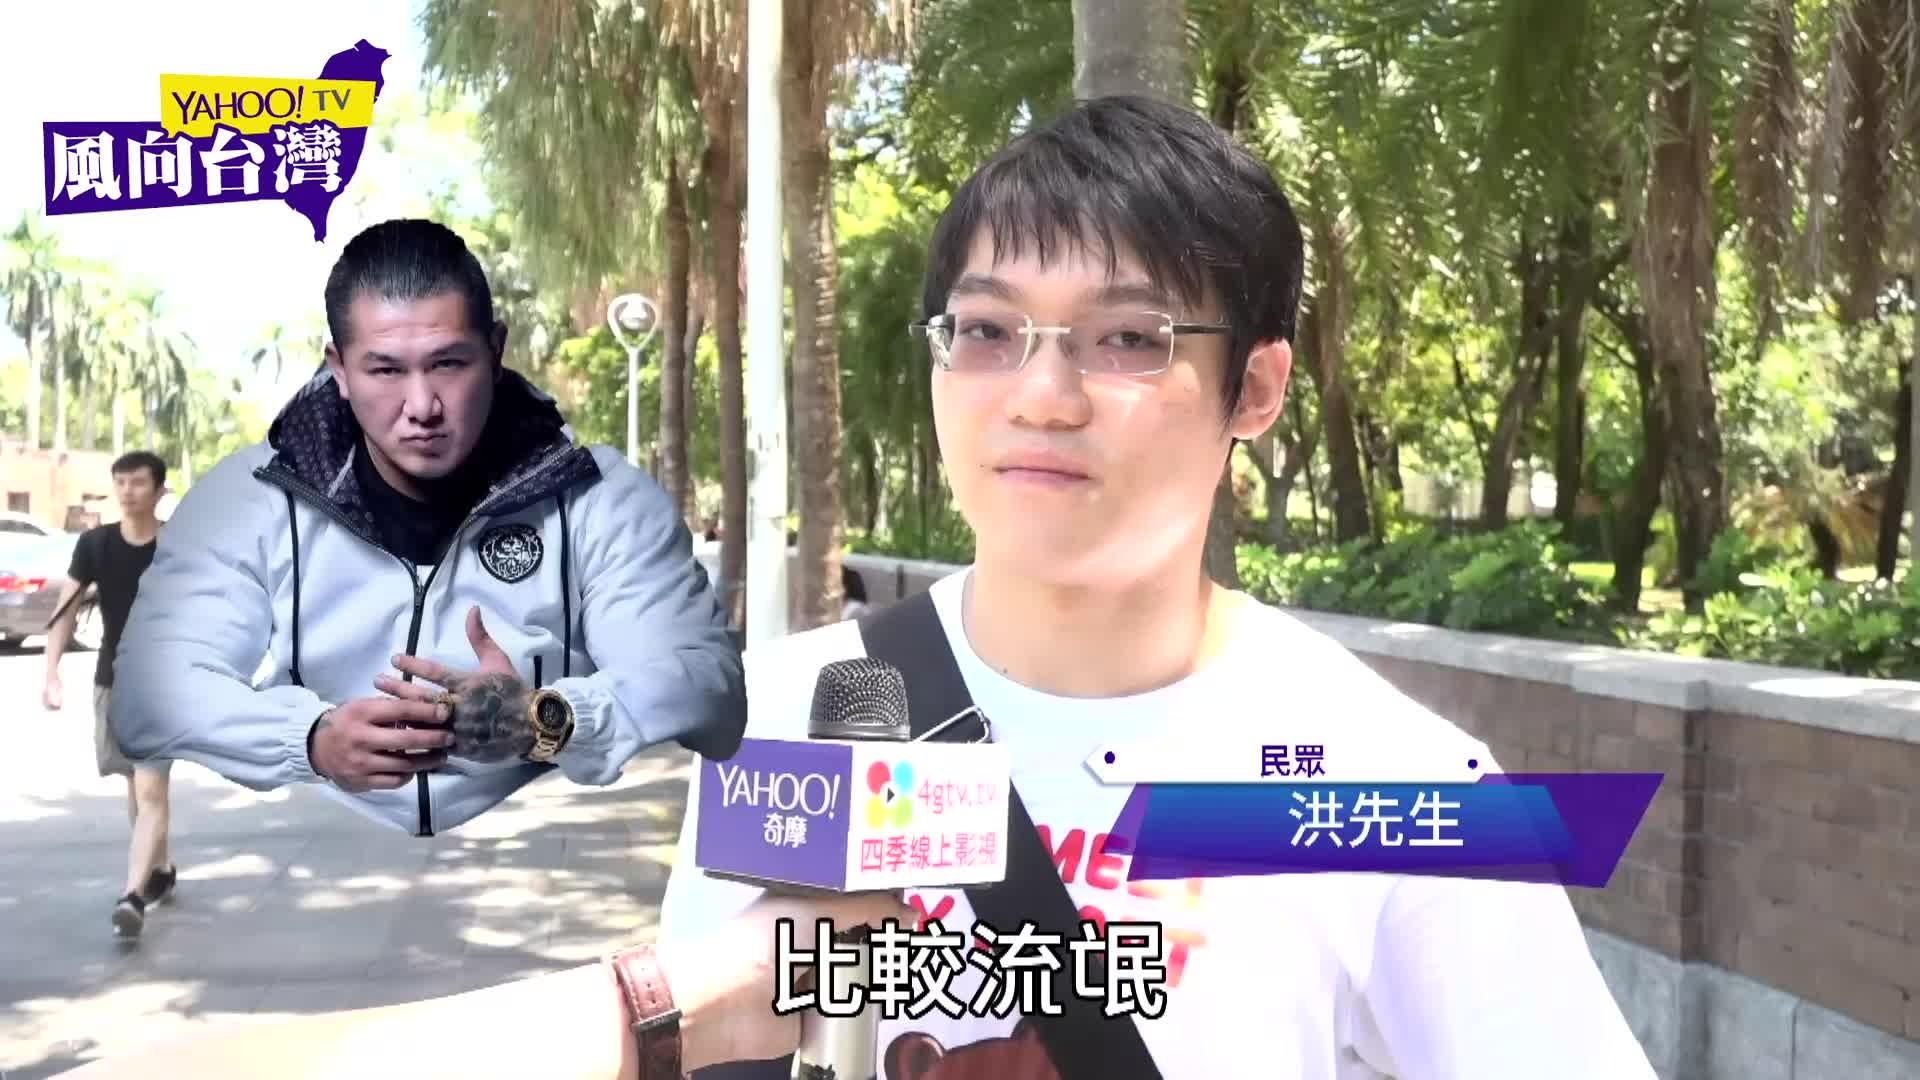 又飆又悍!台灣最外硬內軟的男人踢館Yahoo!